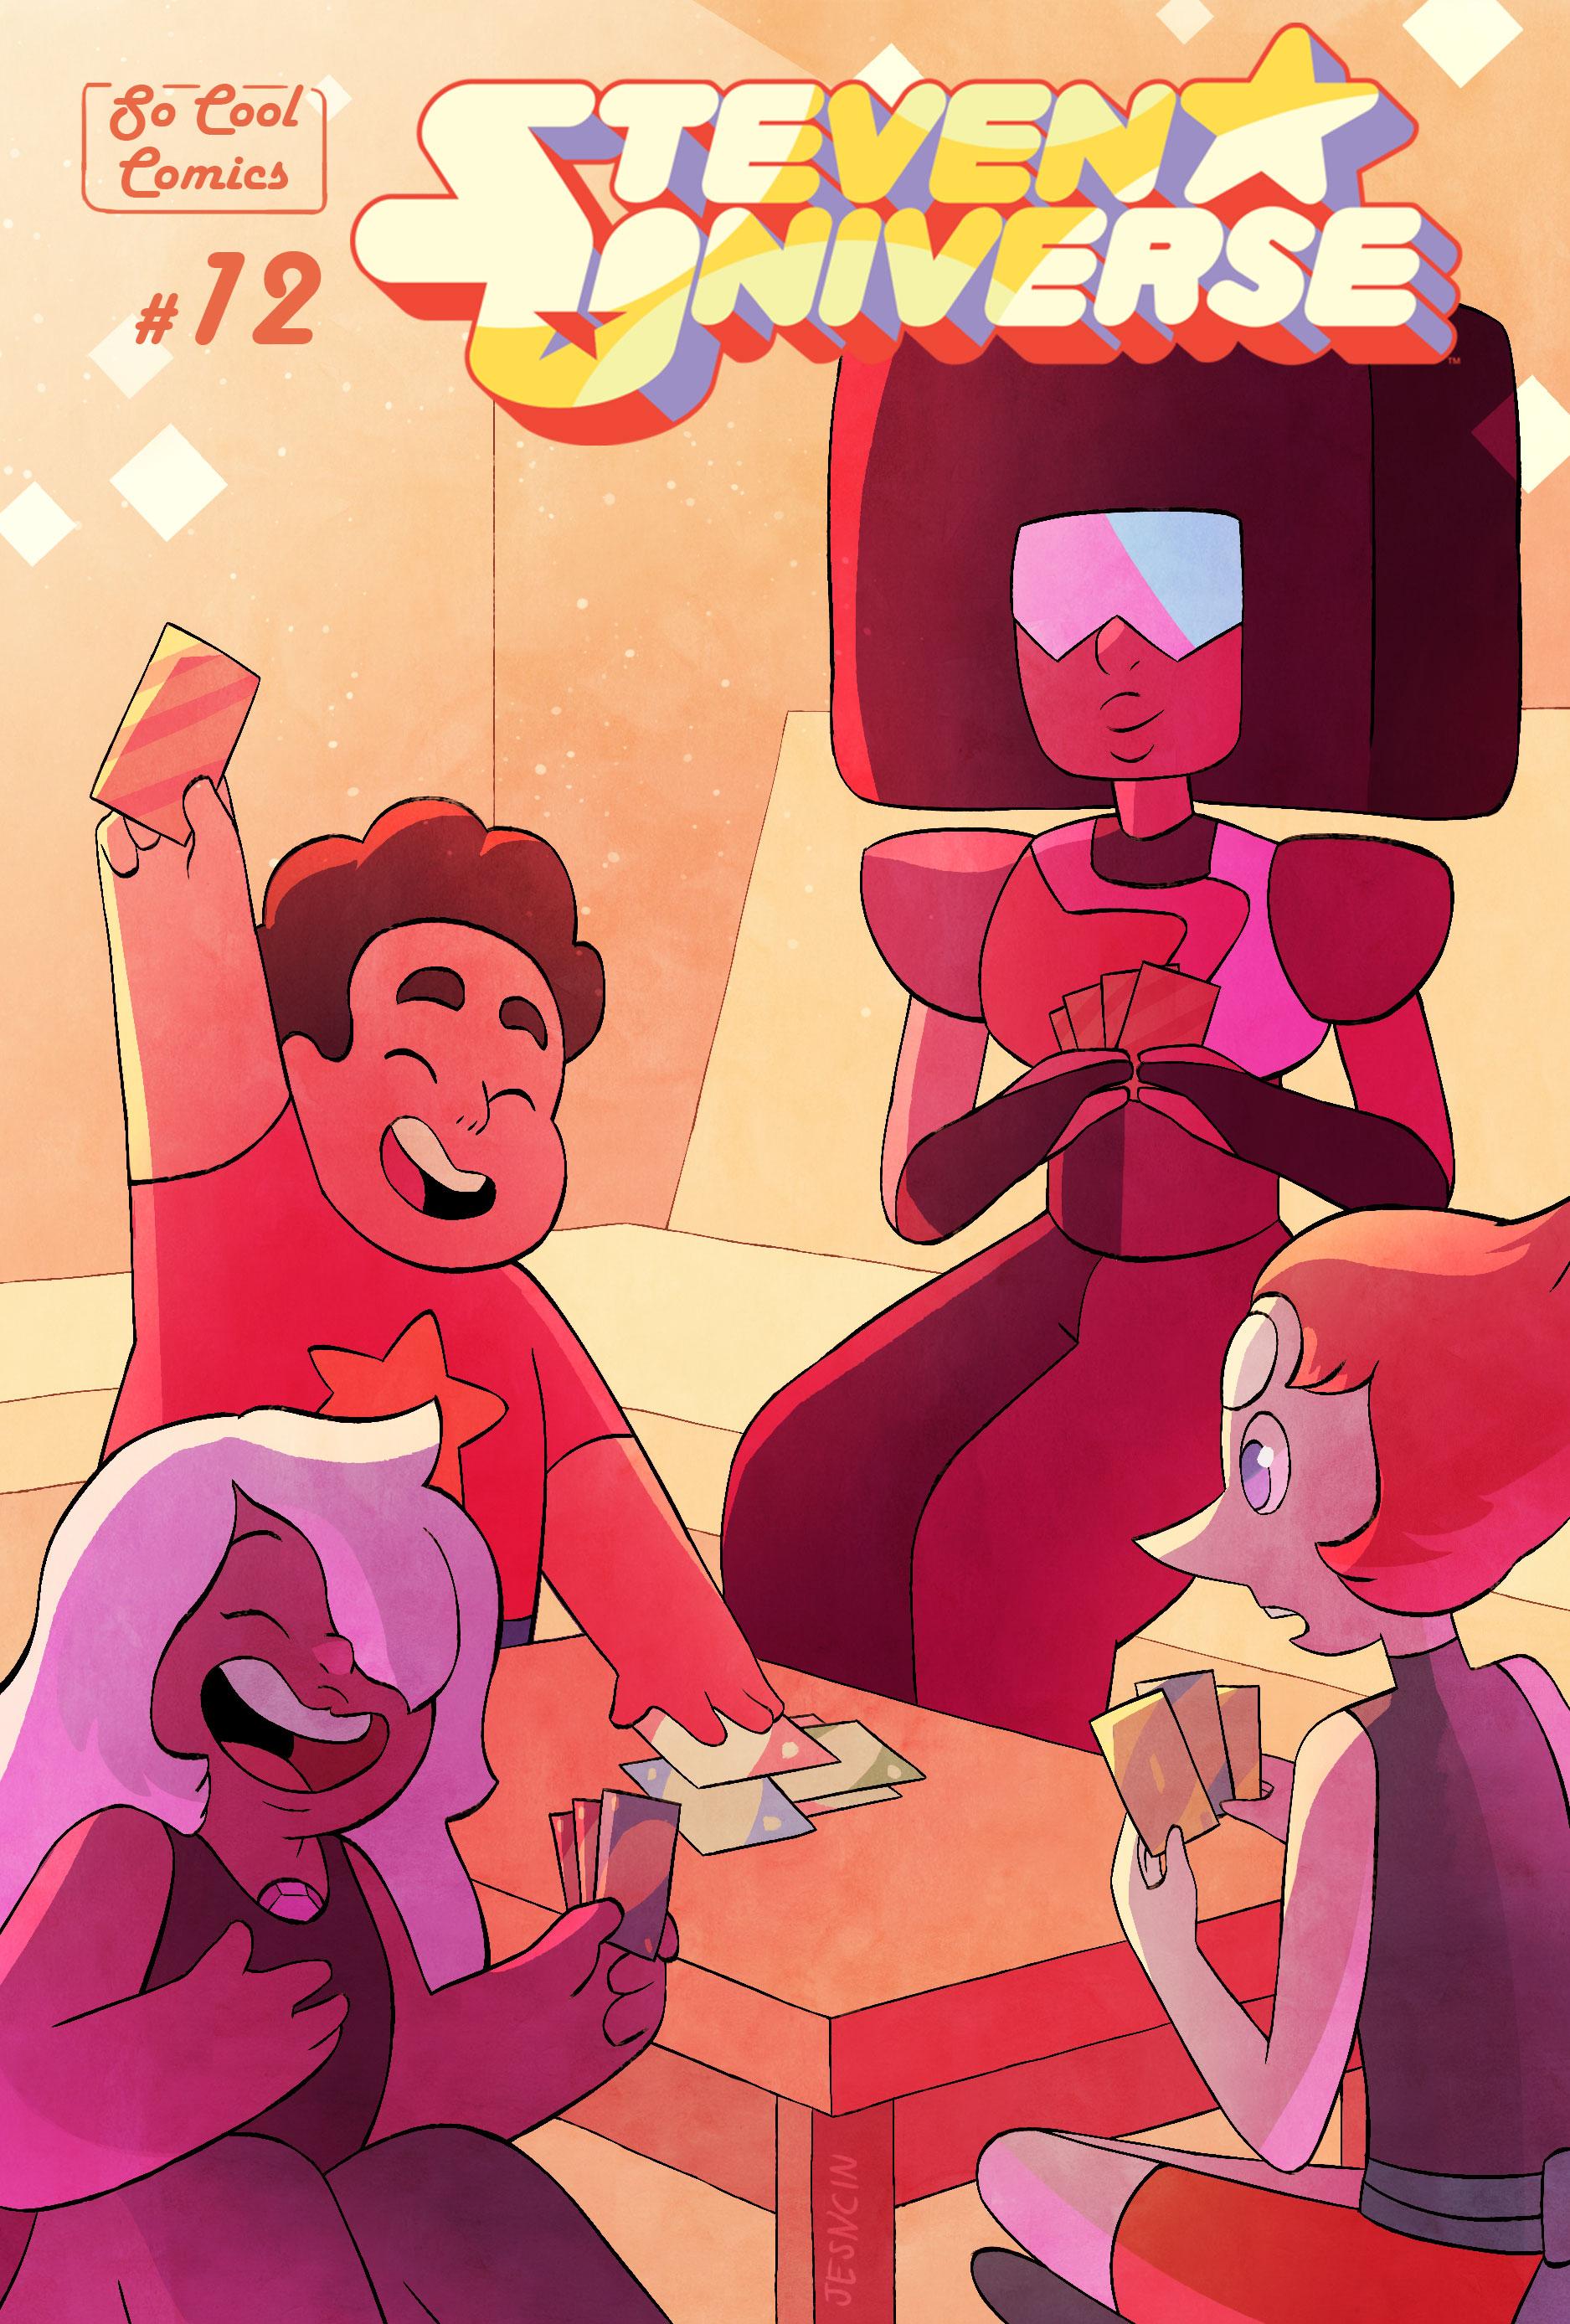 Steven Universe comic cover